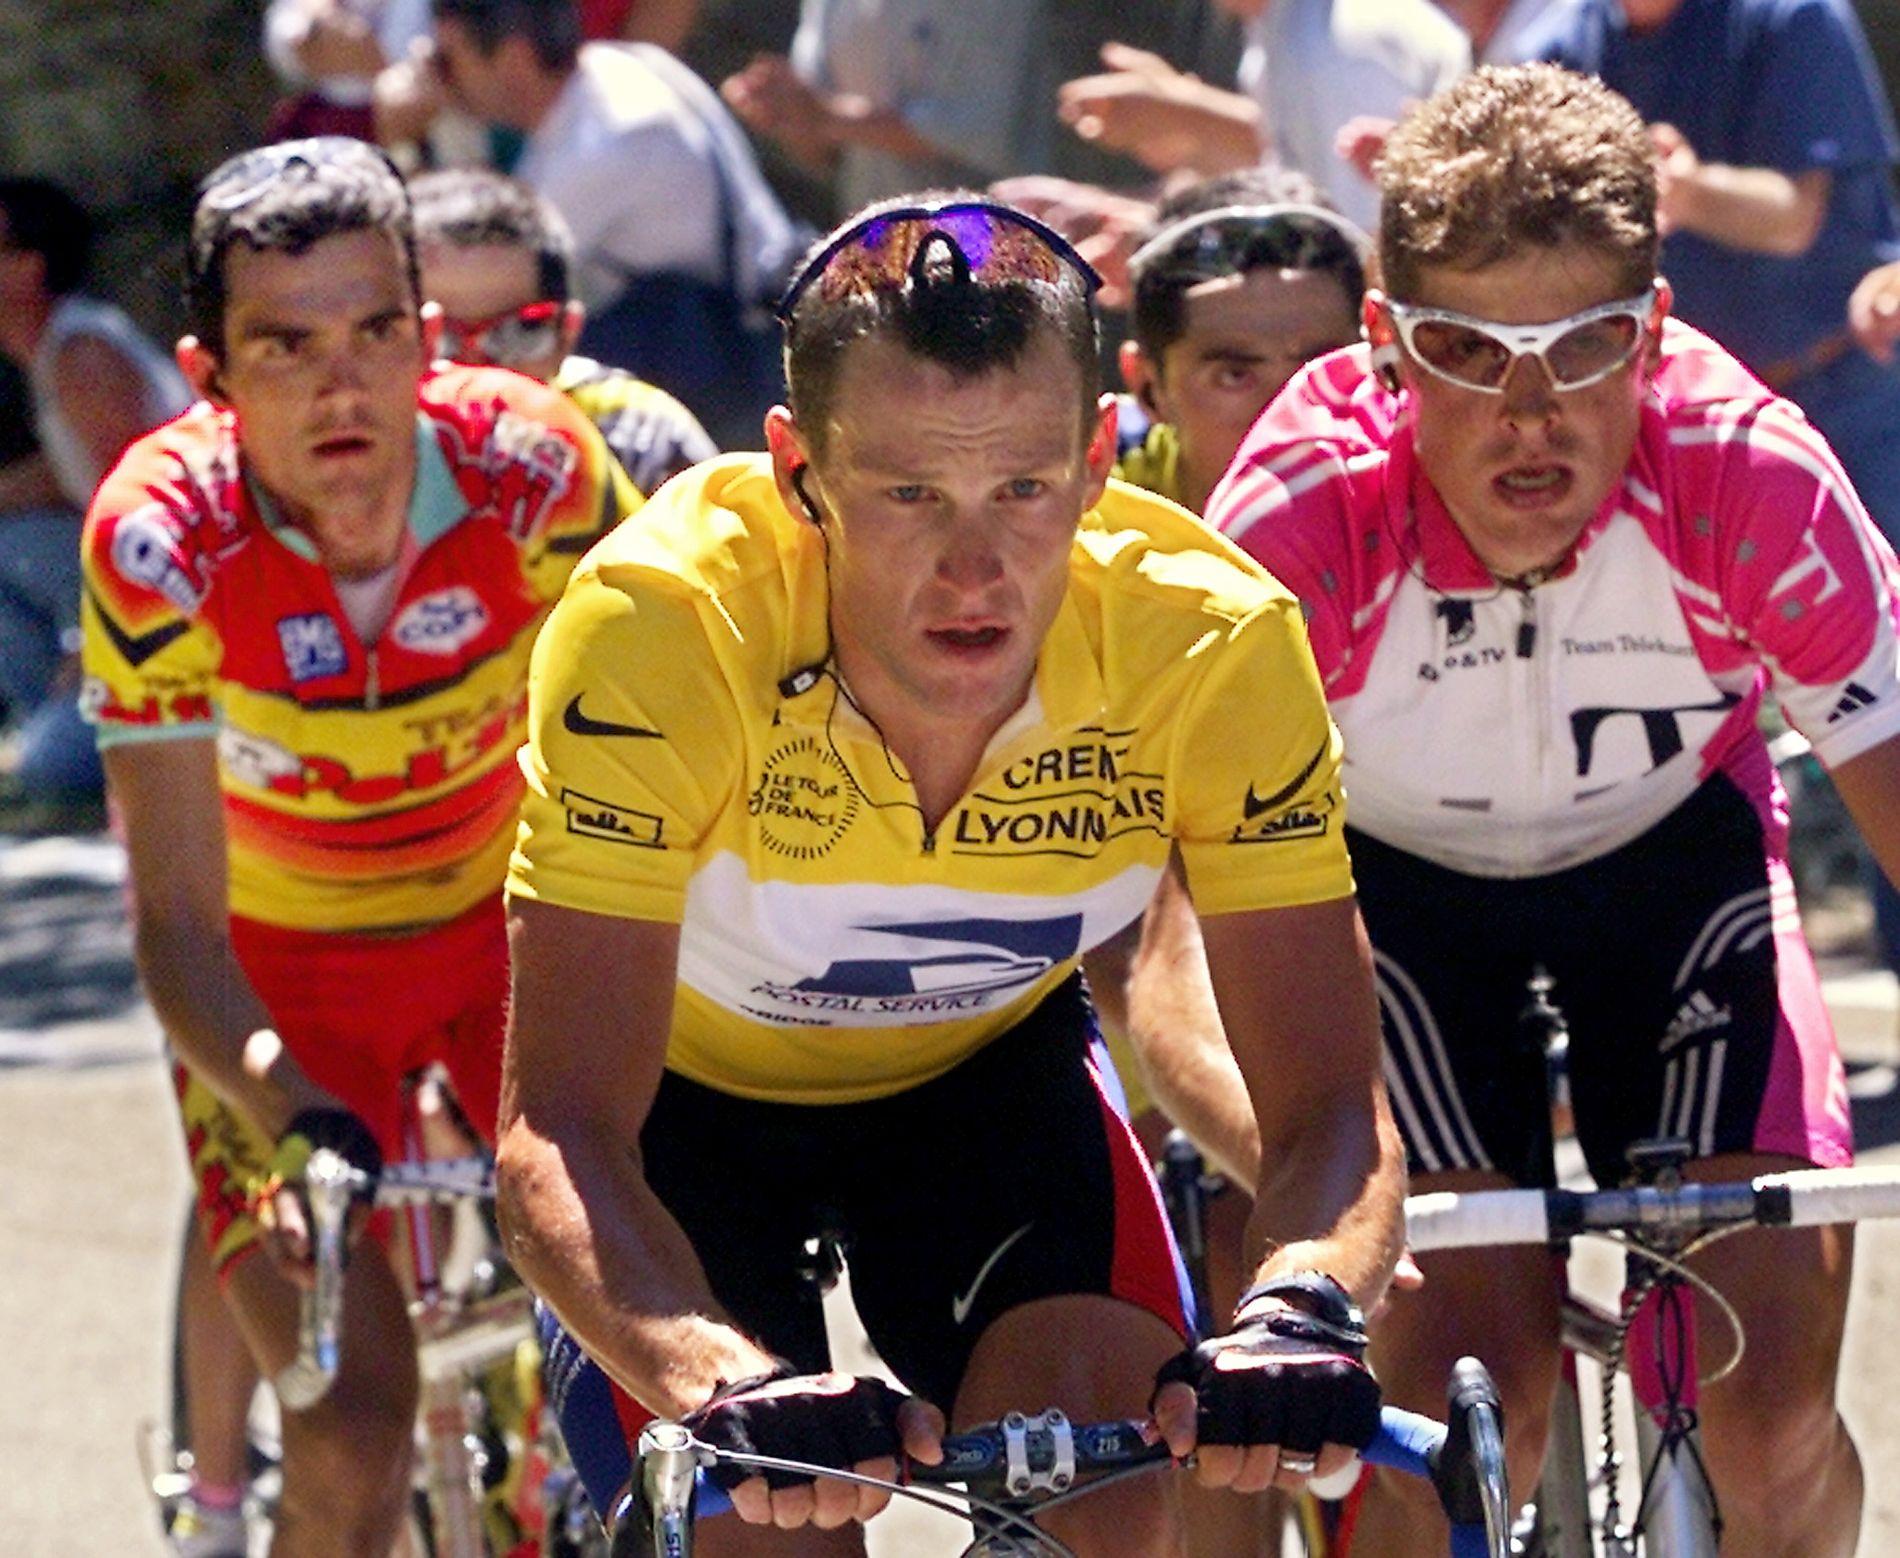 HJELM ELLER IKKE HJELM: Lance Armstrong, her med Jan Ullrich (t..h) fra Tour de France i 2000, mener ryttere bør droppe hjelmen i klatringer der målgang er på toppen av fjellet.